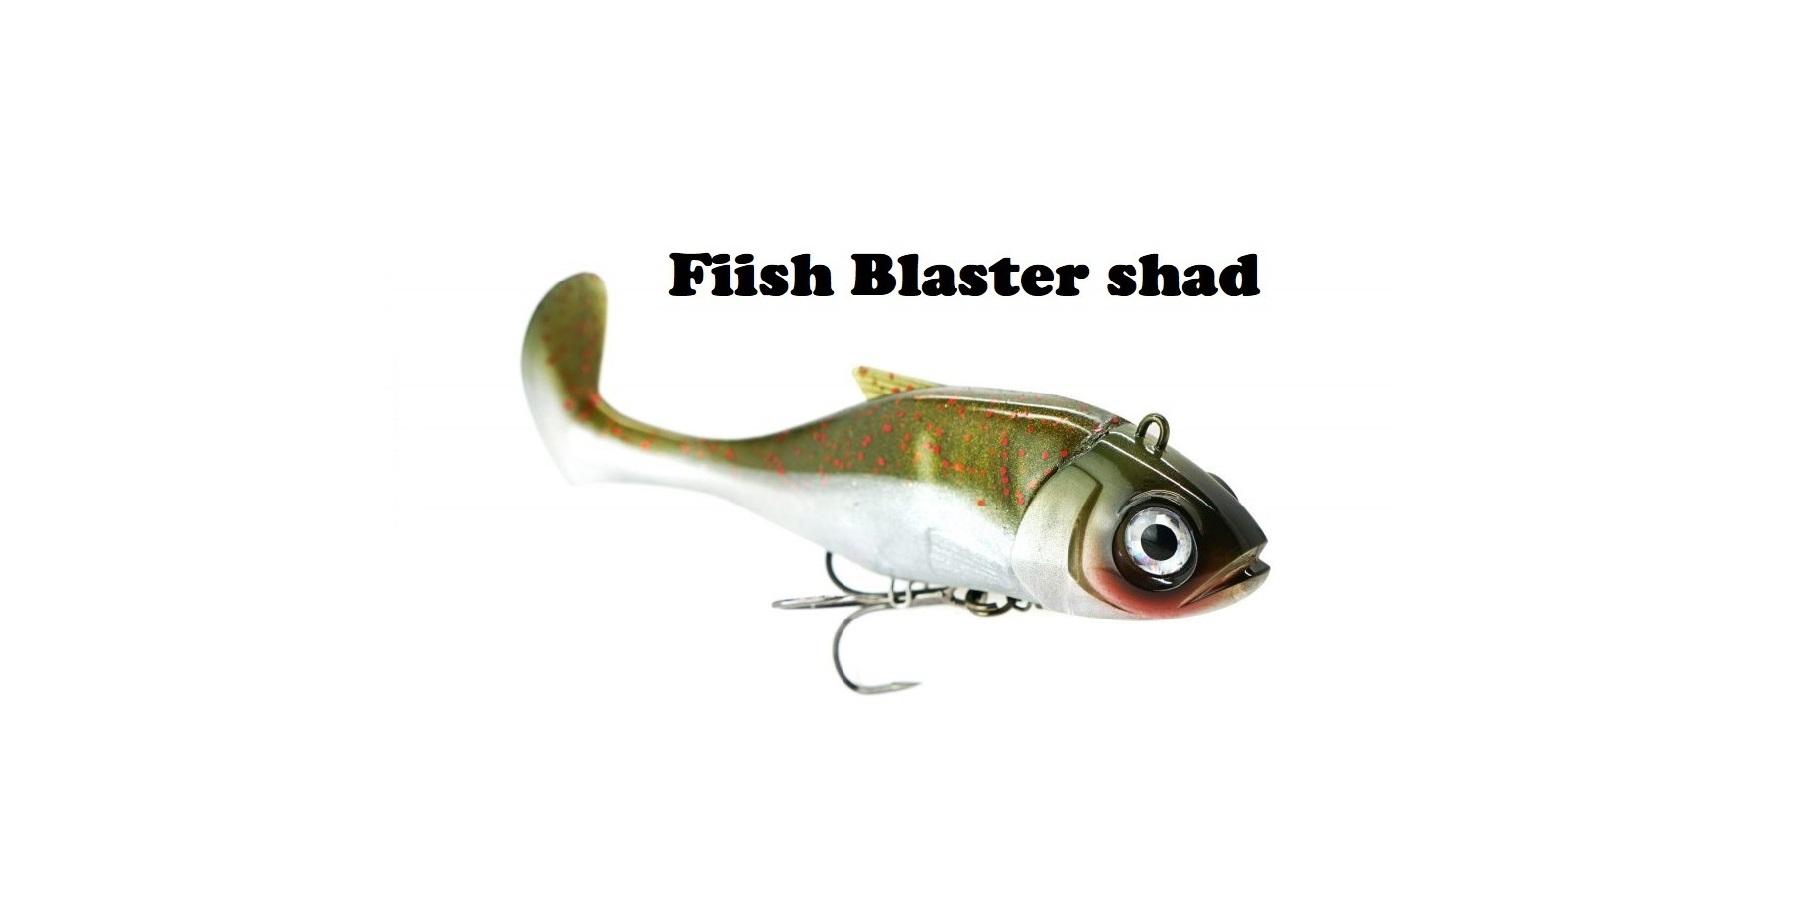 Fiiish Blaster Shad